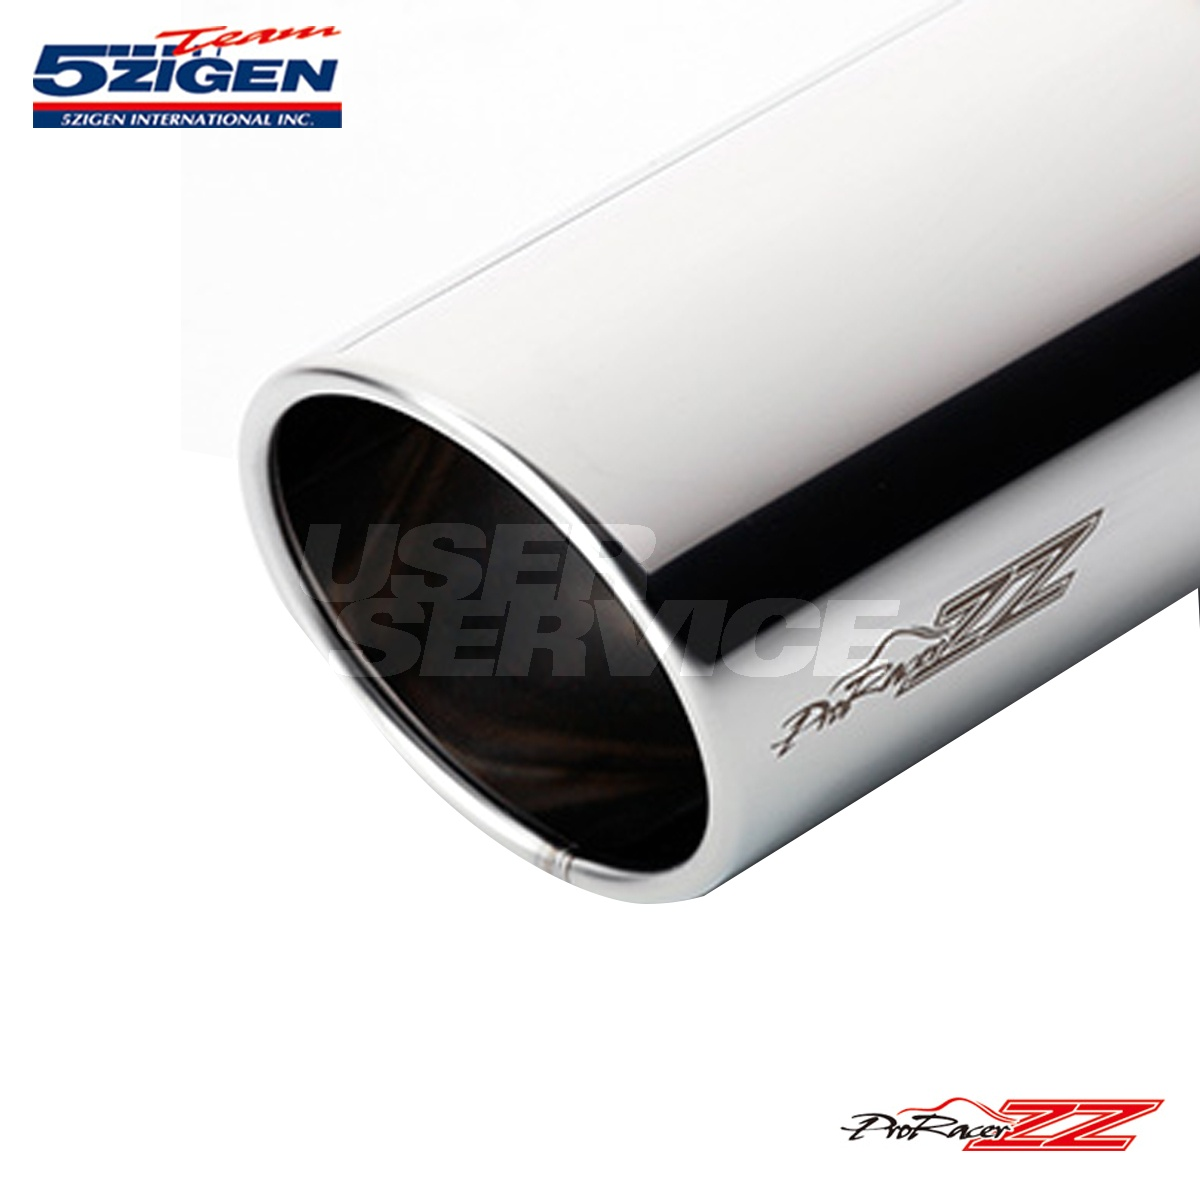 5次元 プロレーサーZZ ランサー GH-CT9A マフラー 品番:PZM-011 5ZIGEN